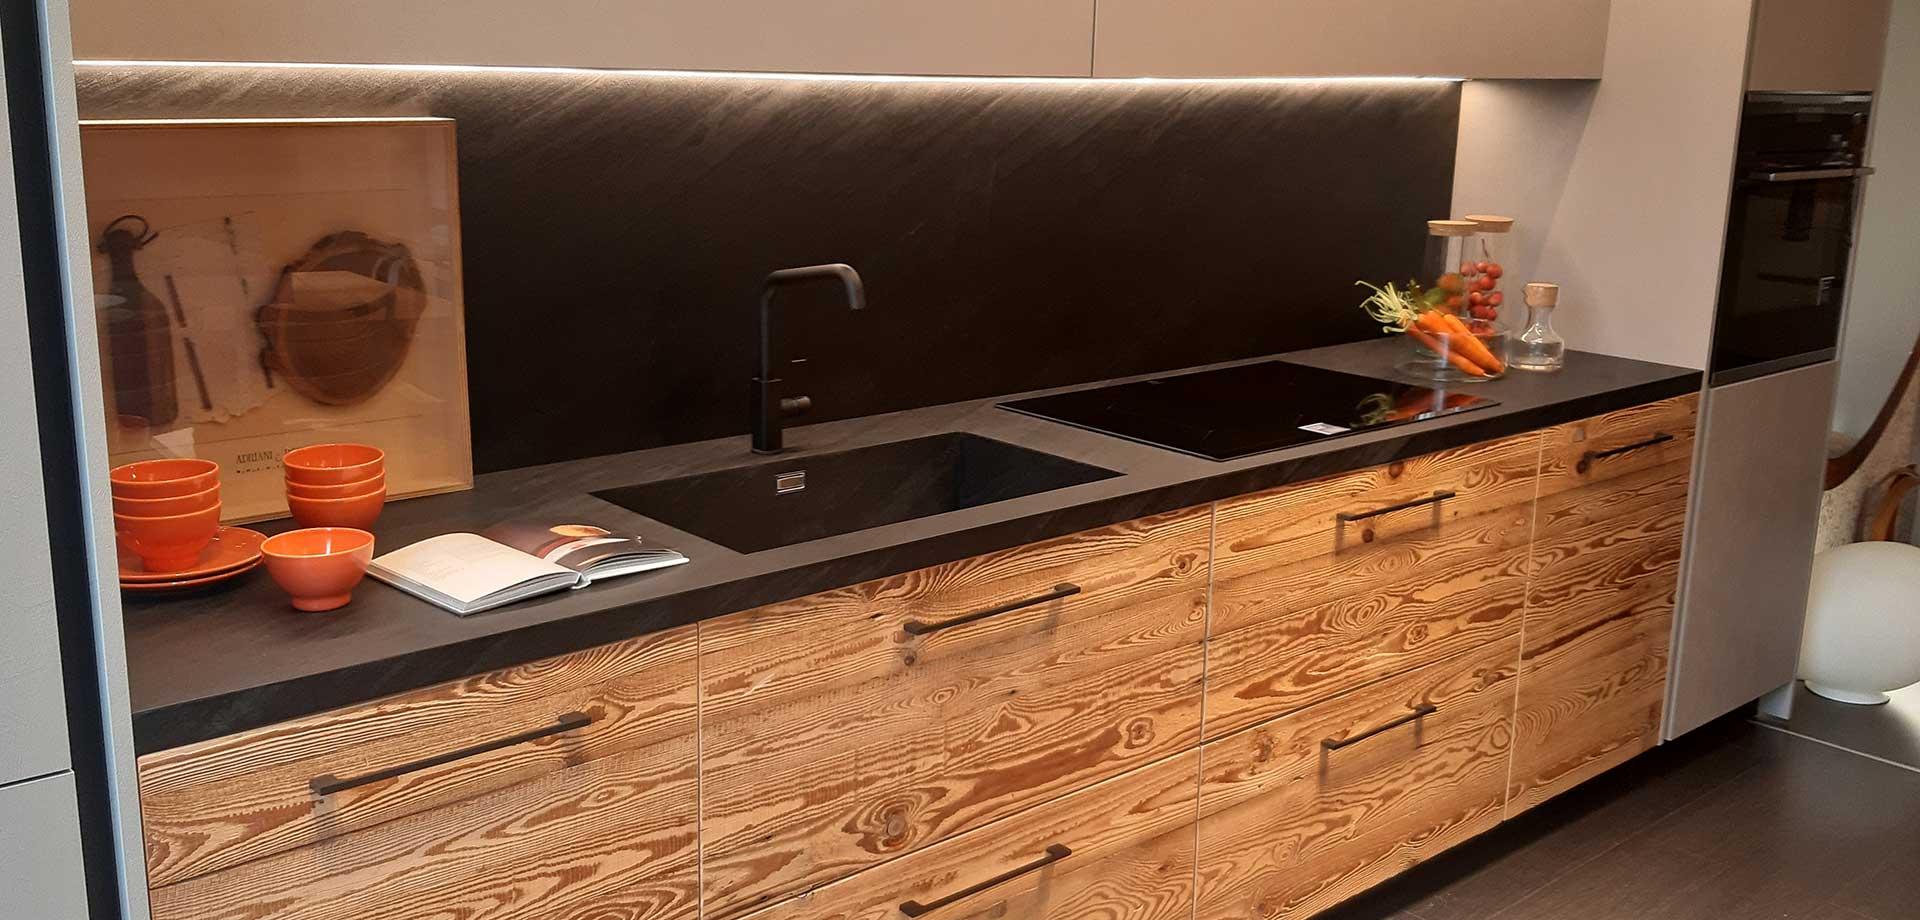 Cucina su misura con top con lavello integrato e schienale in HPL effetto ardesia a Lecco, Como, Monza Brianza e Milano